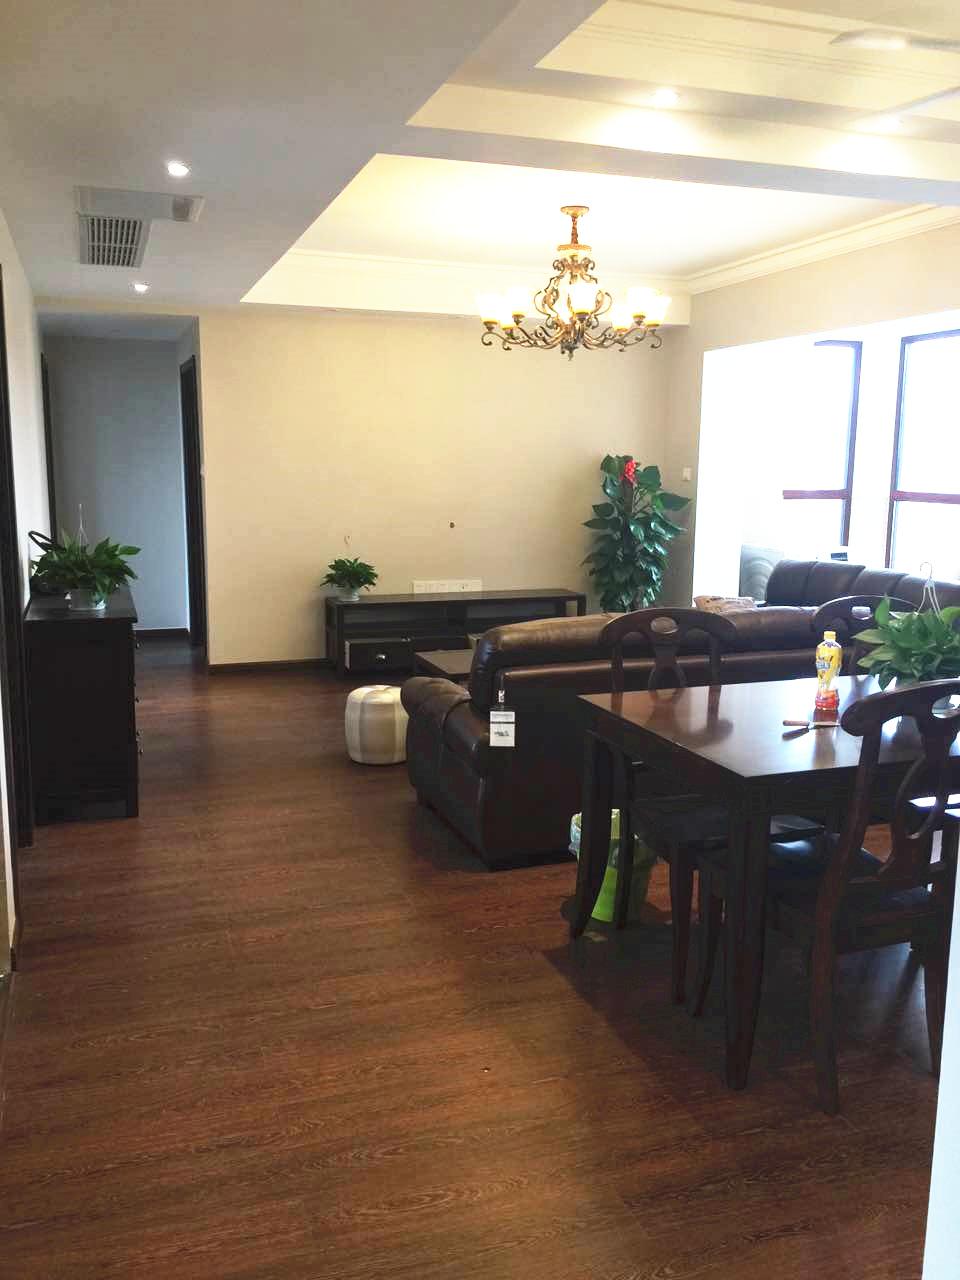 选购美式中最为常见的深棕色皮沙发及造型圆润的餐桌椅来统一风格。